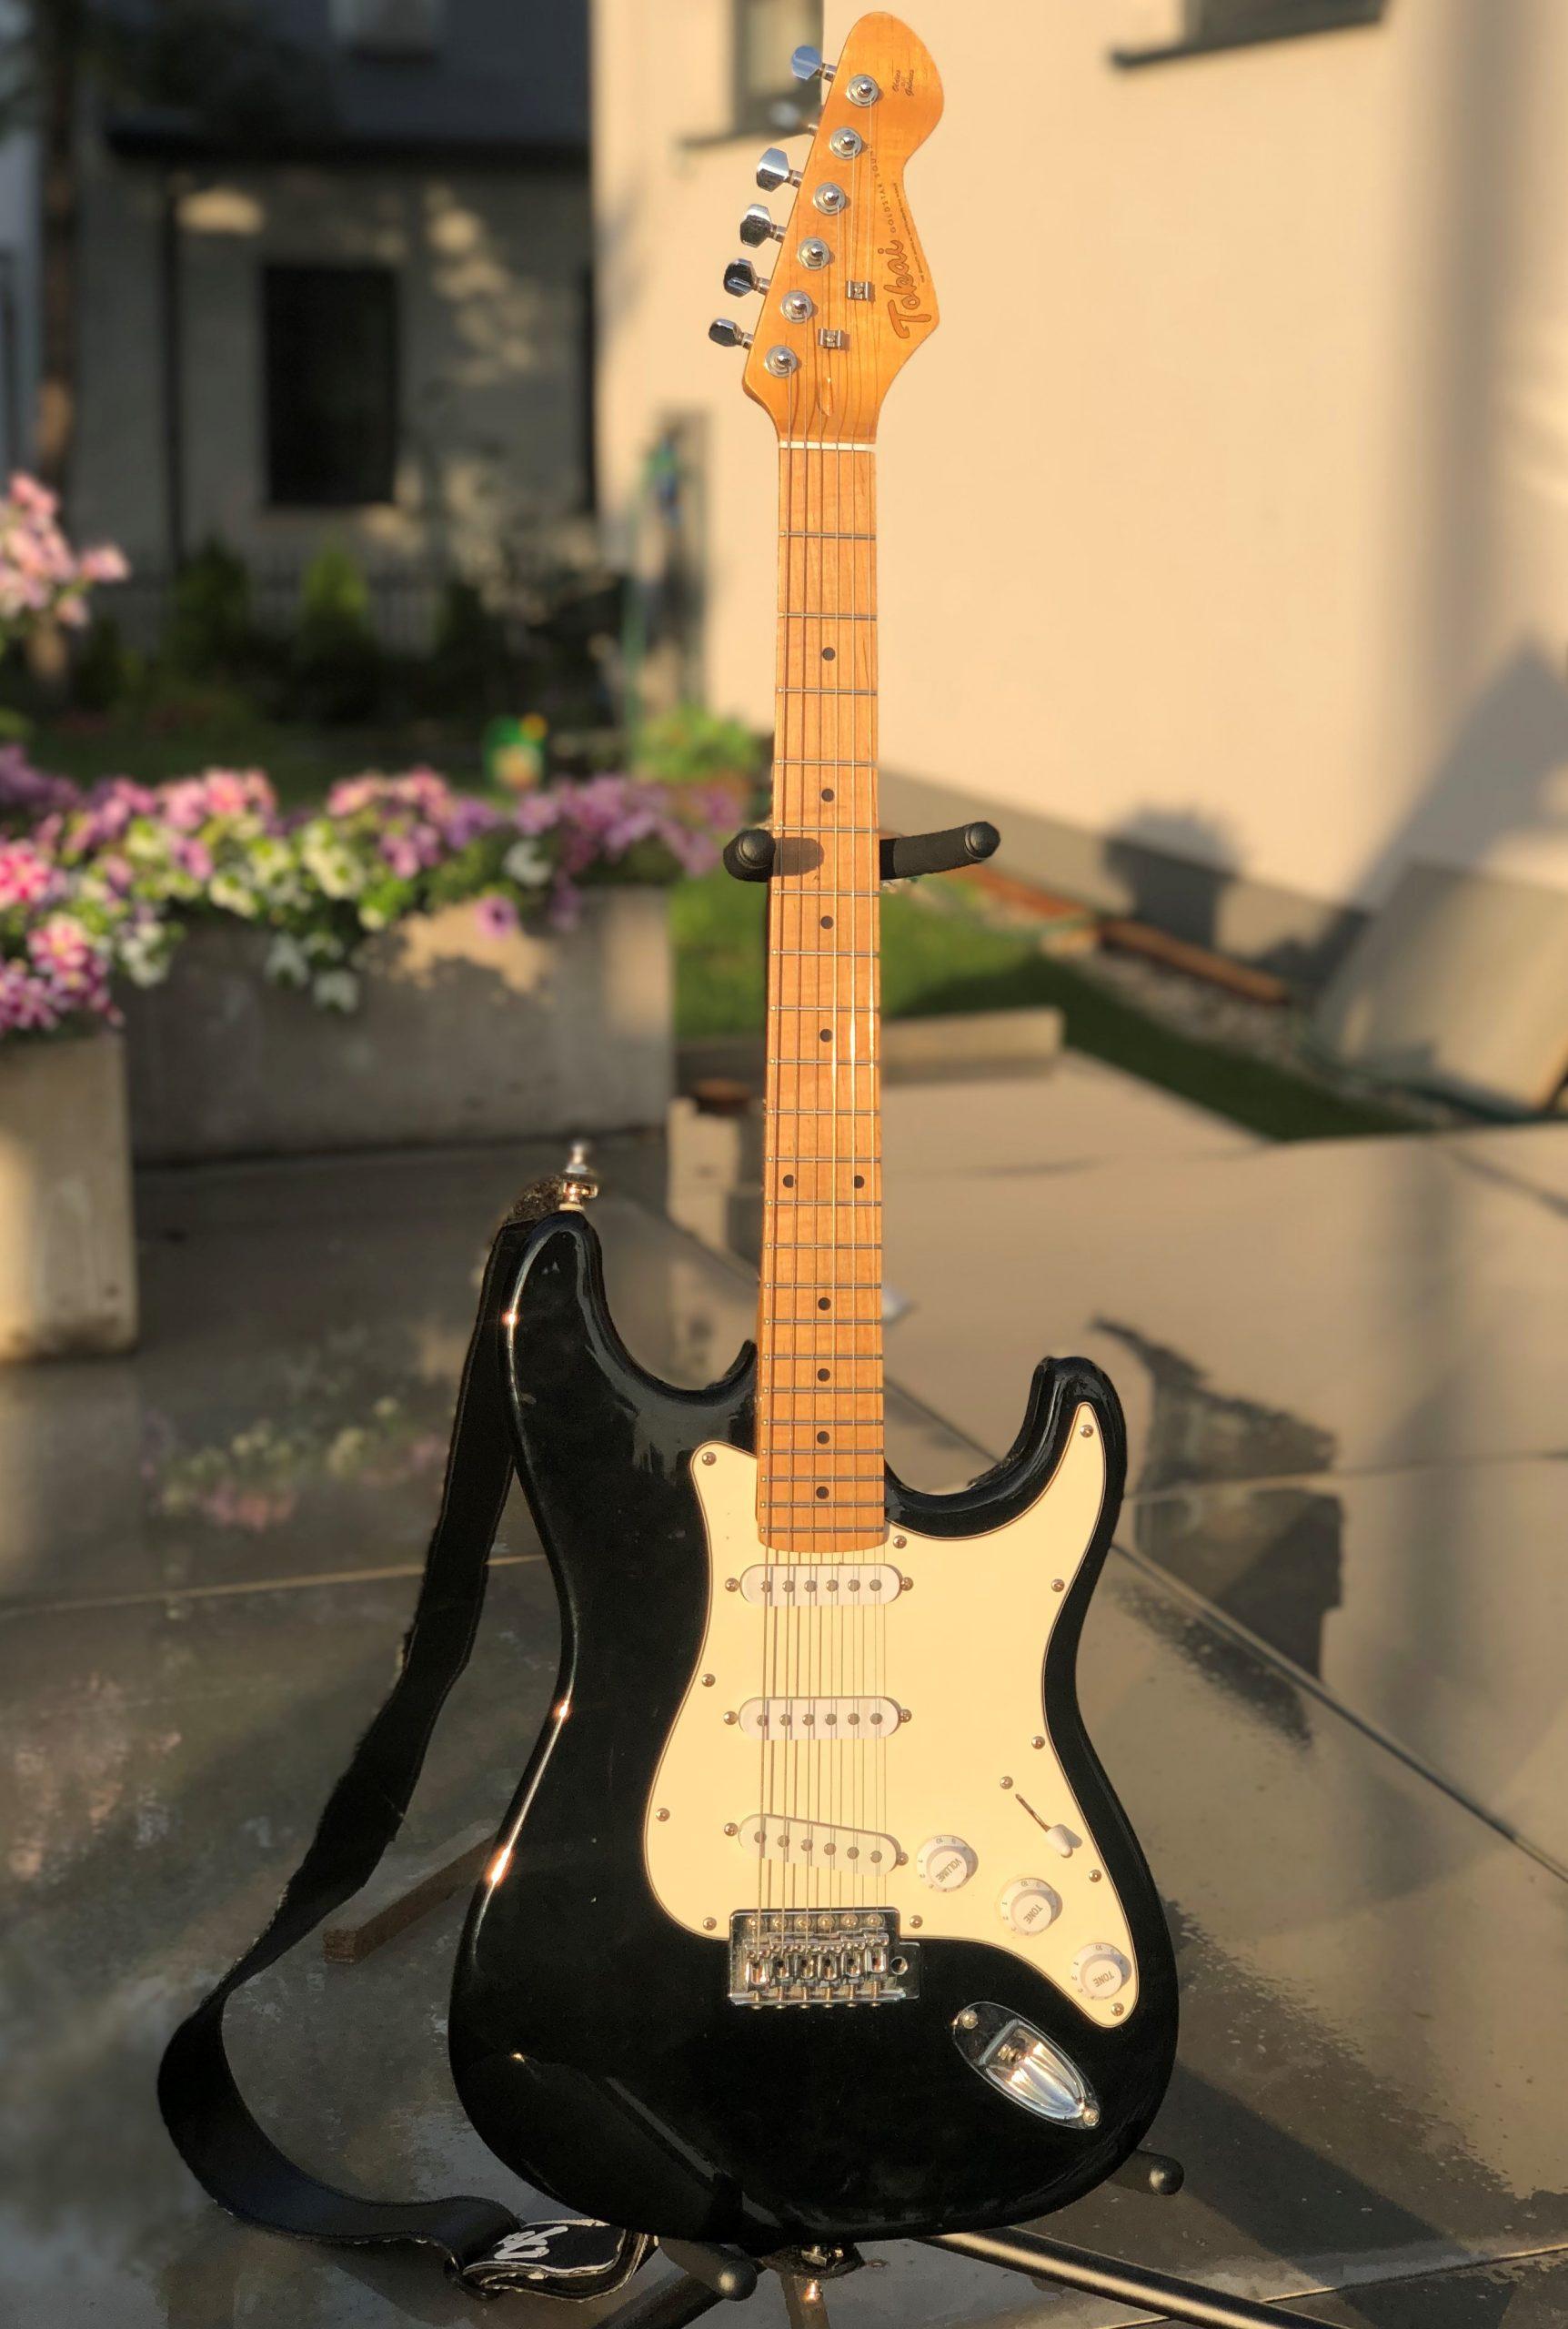 Vintage guitars. The photo contains Partcaster.